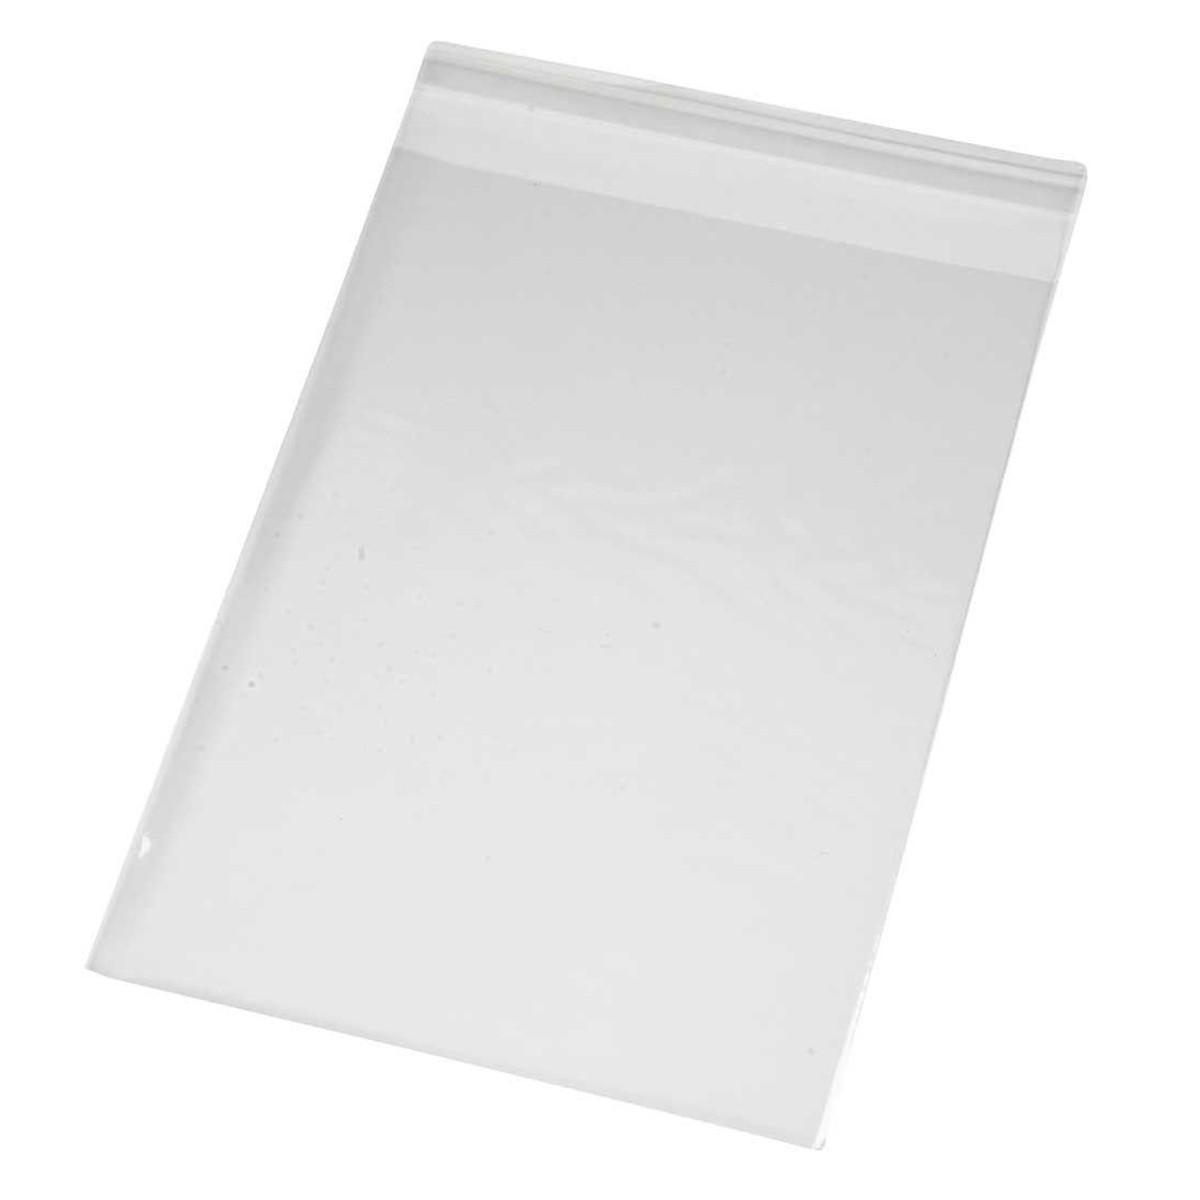 Artmoney poser med tape luk, 12,3 x 17,5 cm (excl. luk), 100 stk.